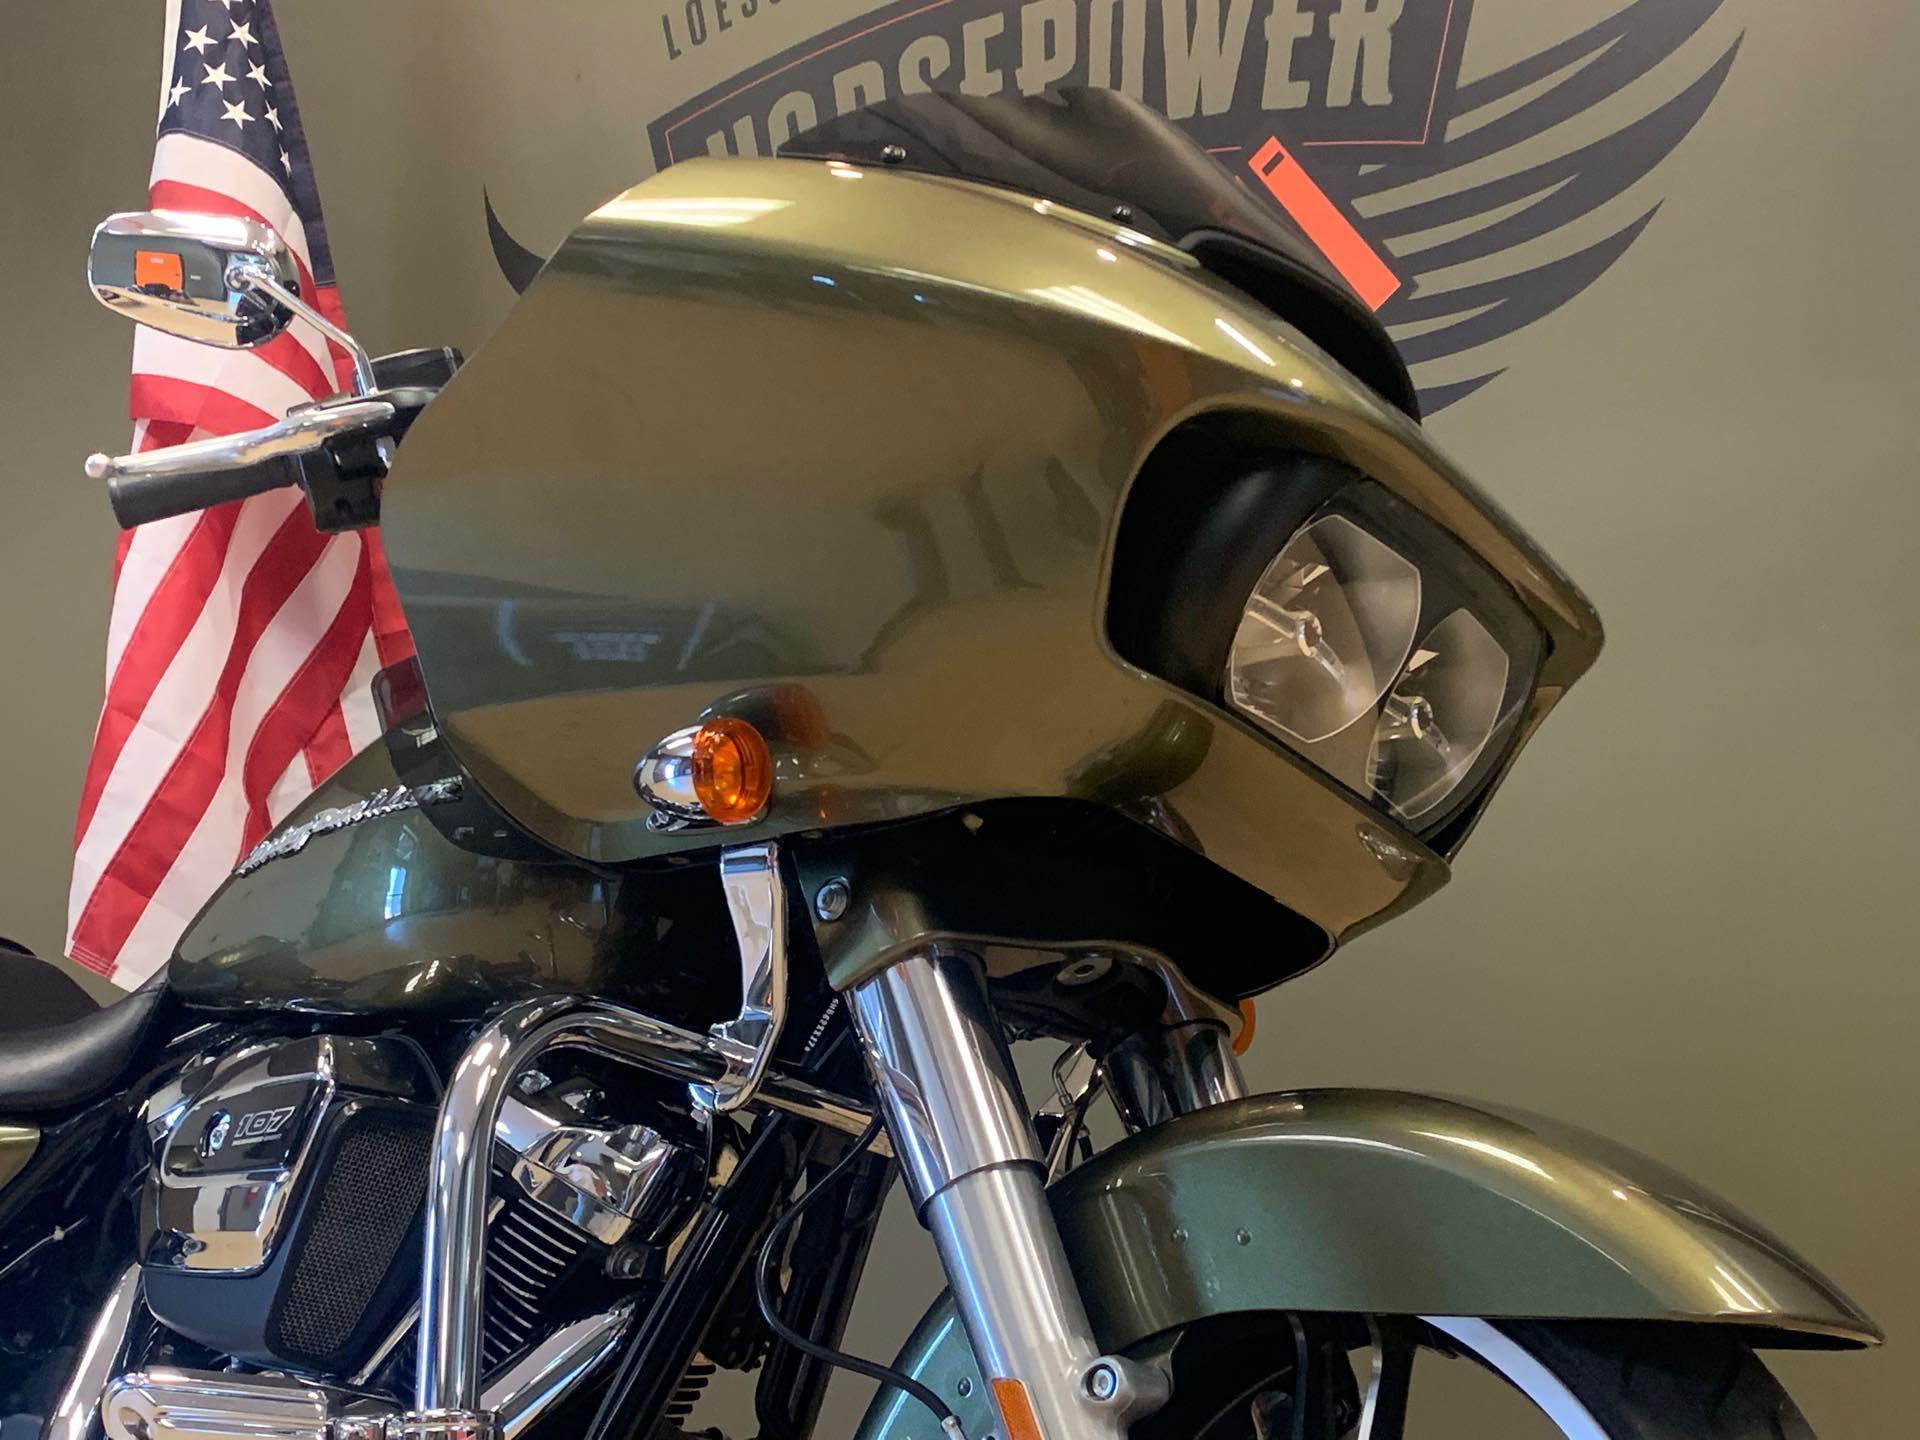 2017 Harley-Davidson Road Glide Special at Loess Hills Harley-Davidson